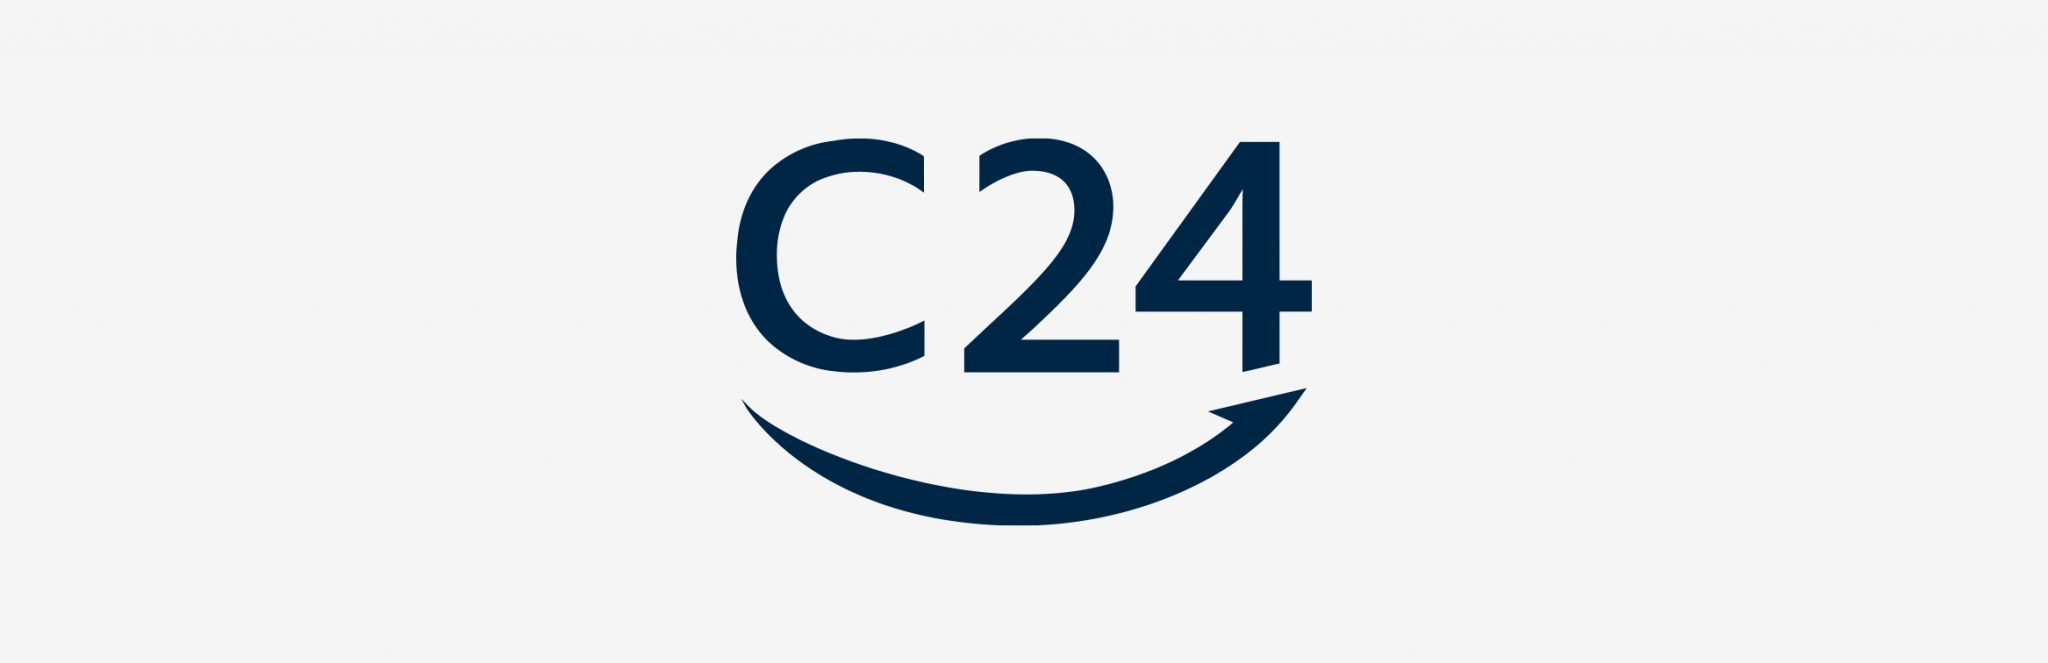 banken_c24